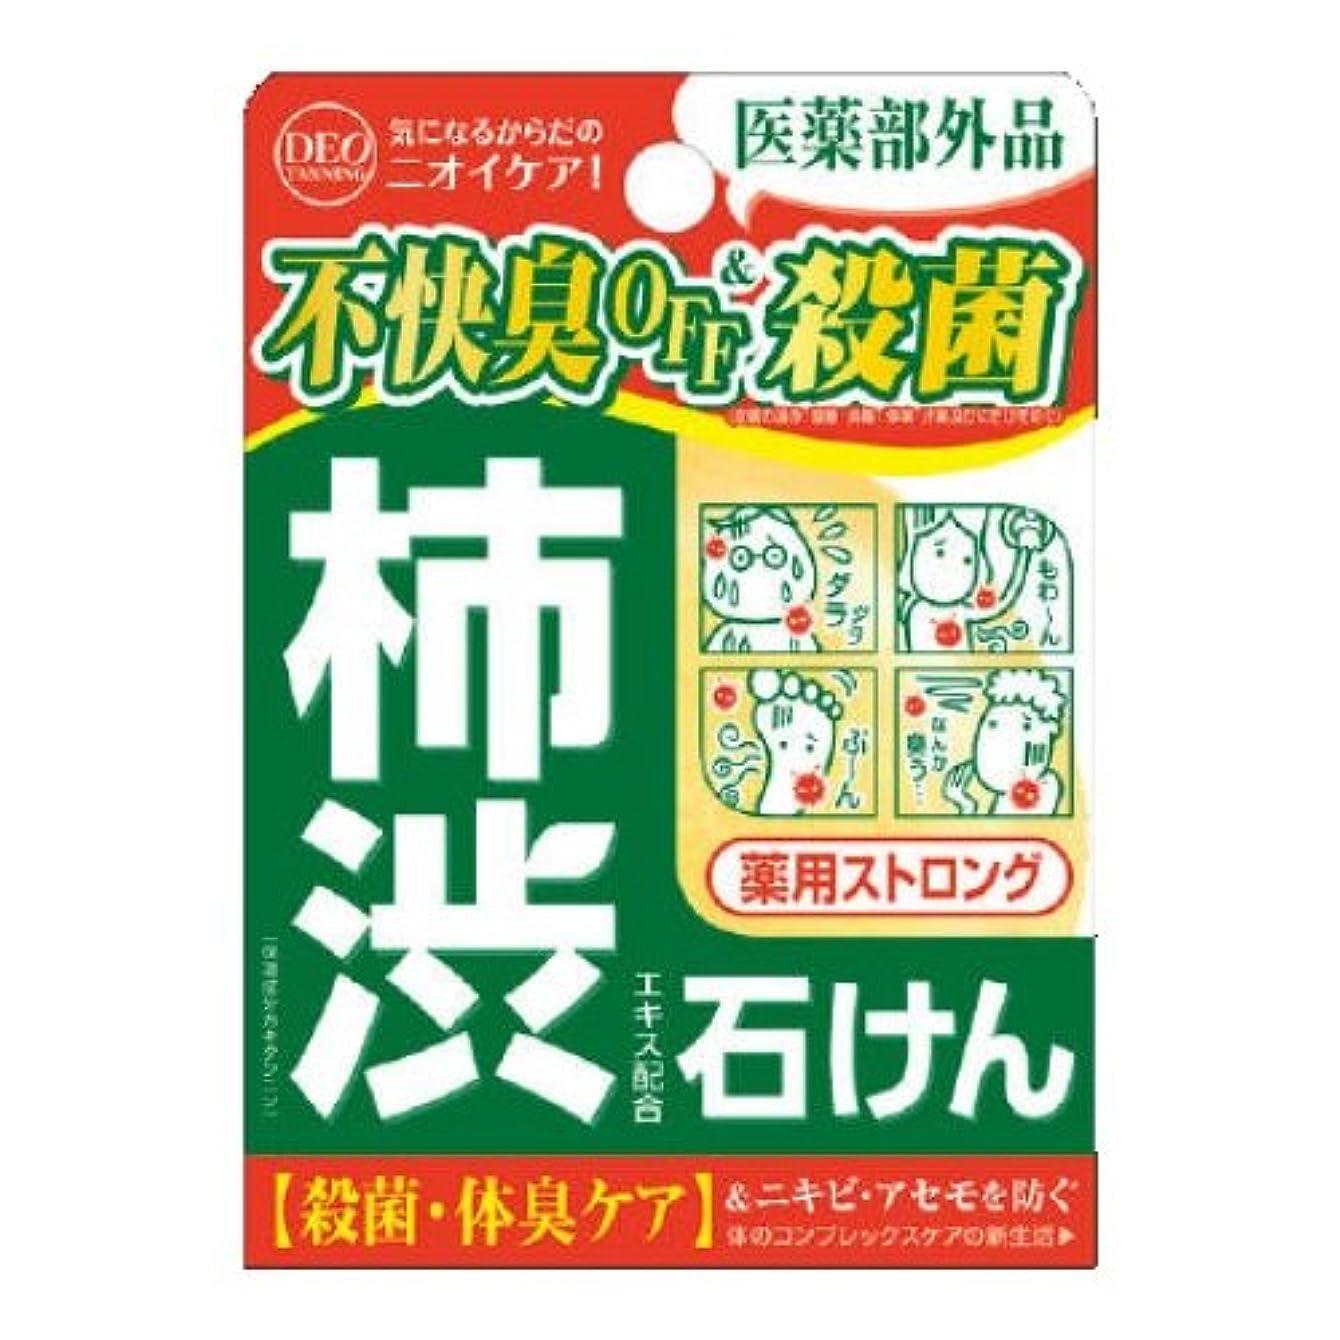 おなじみのバンドふつうデオタンニング 薬用ストロング ソープ 100g (医薬部外品)